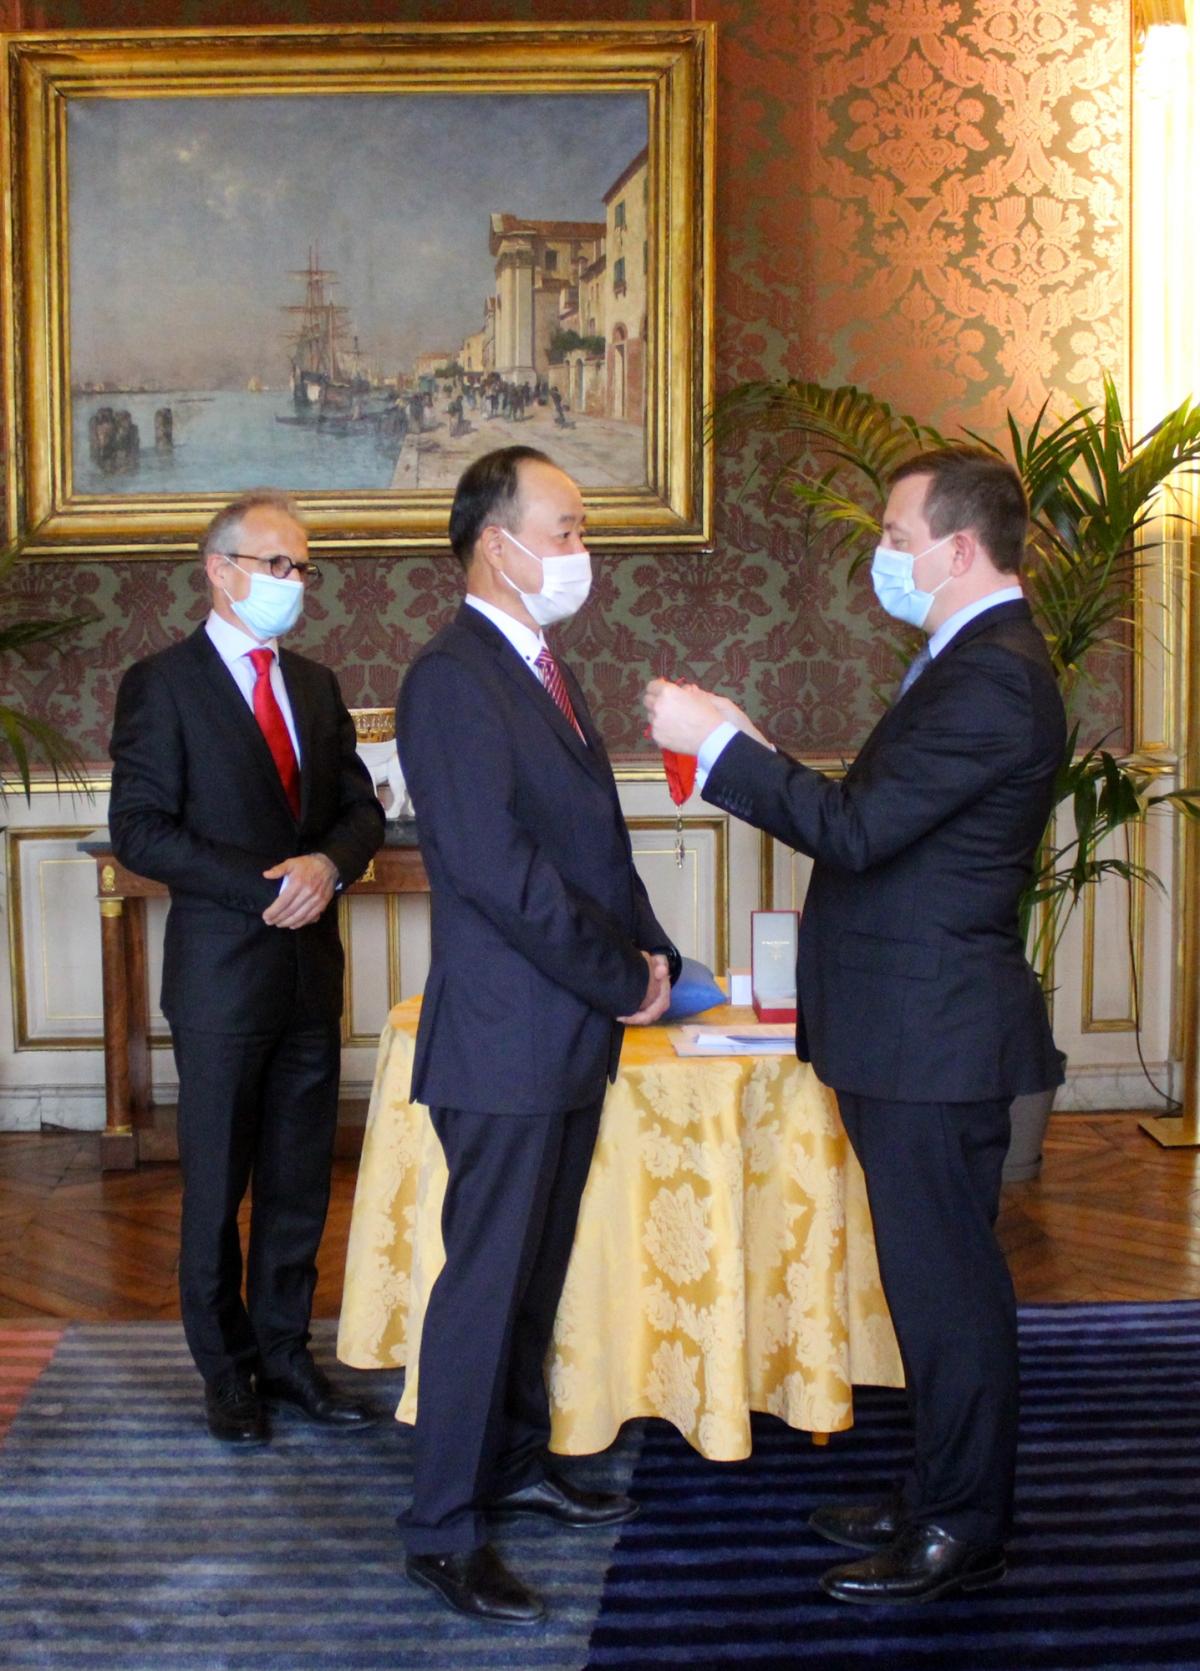 Đại sứ Việt Nam tại Pháp Nguyễn Thiệp nhận Huân chương Bắc đẩu Bội tinh.